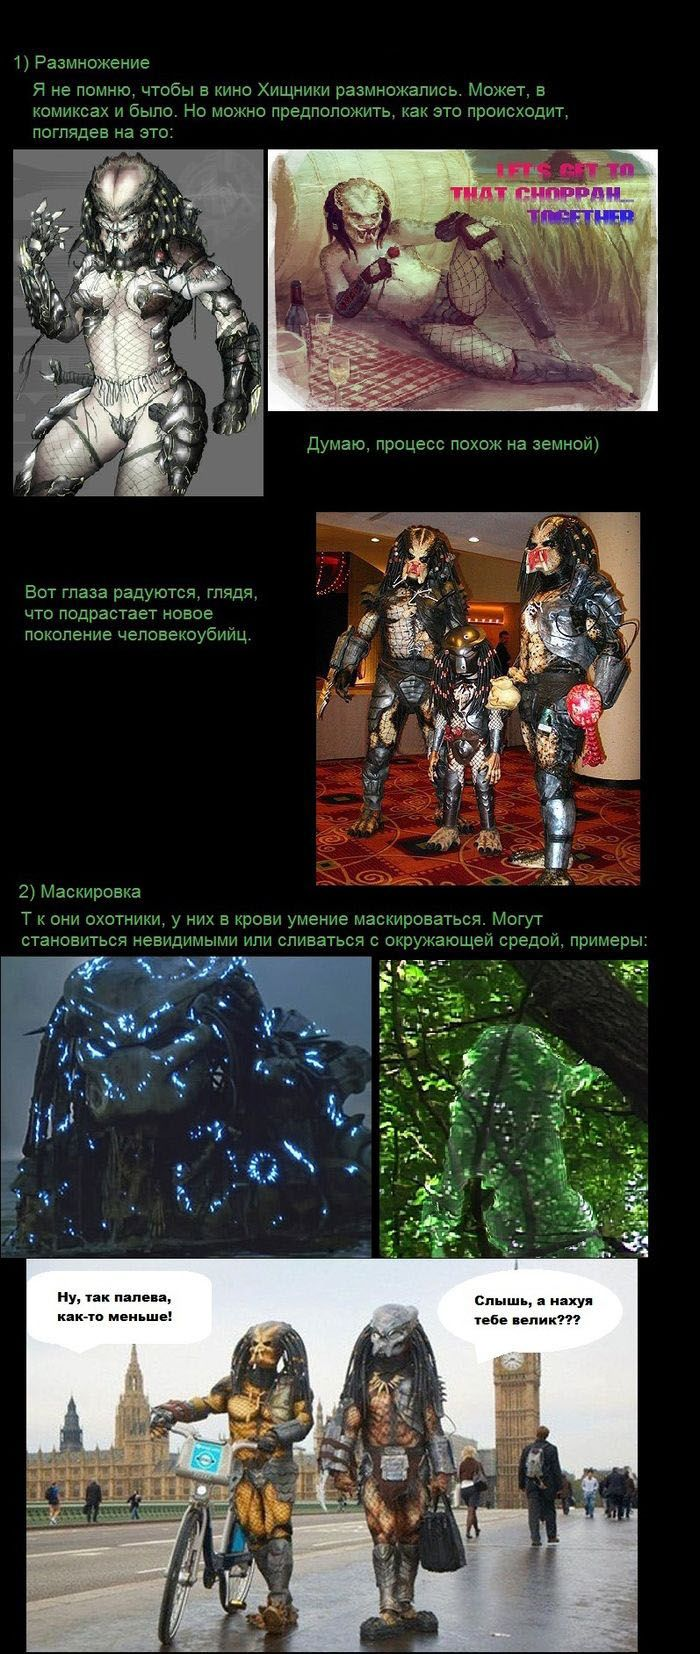 Хищник - мастер охоты на людей (20 фото)